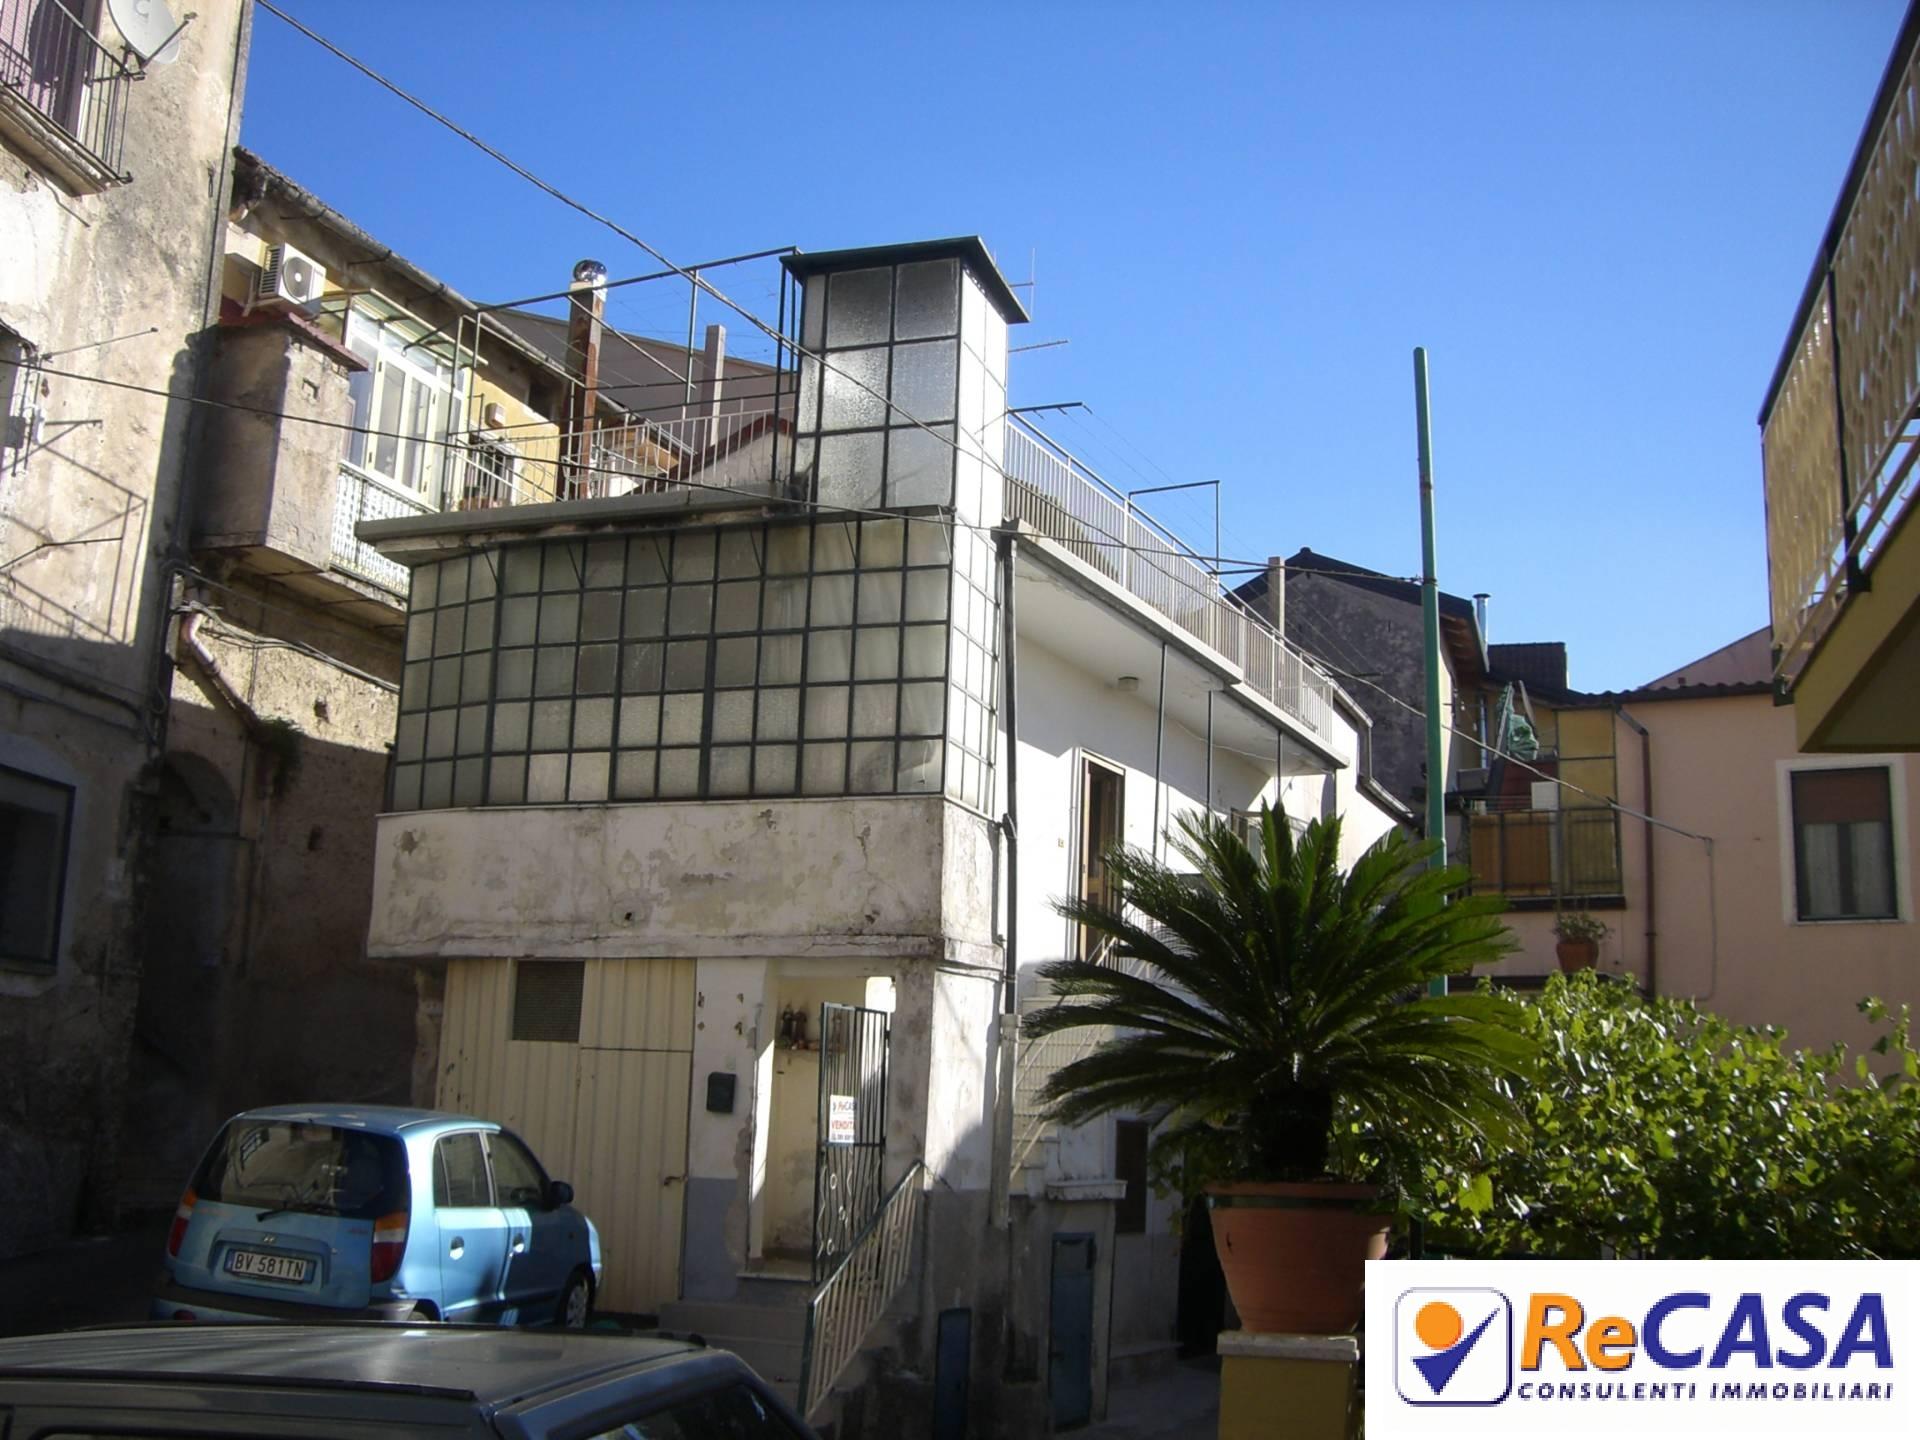 Soluzione Semindipendente in Vendita a Montecorvino Rovella